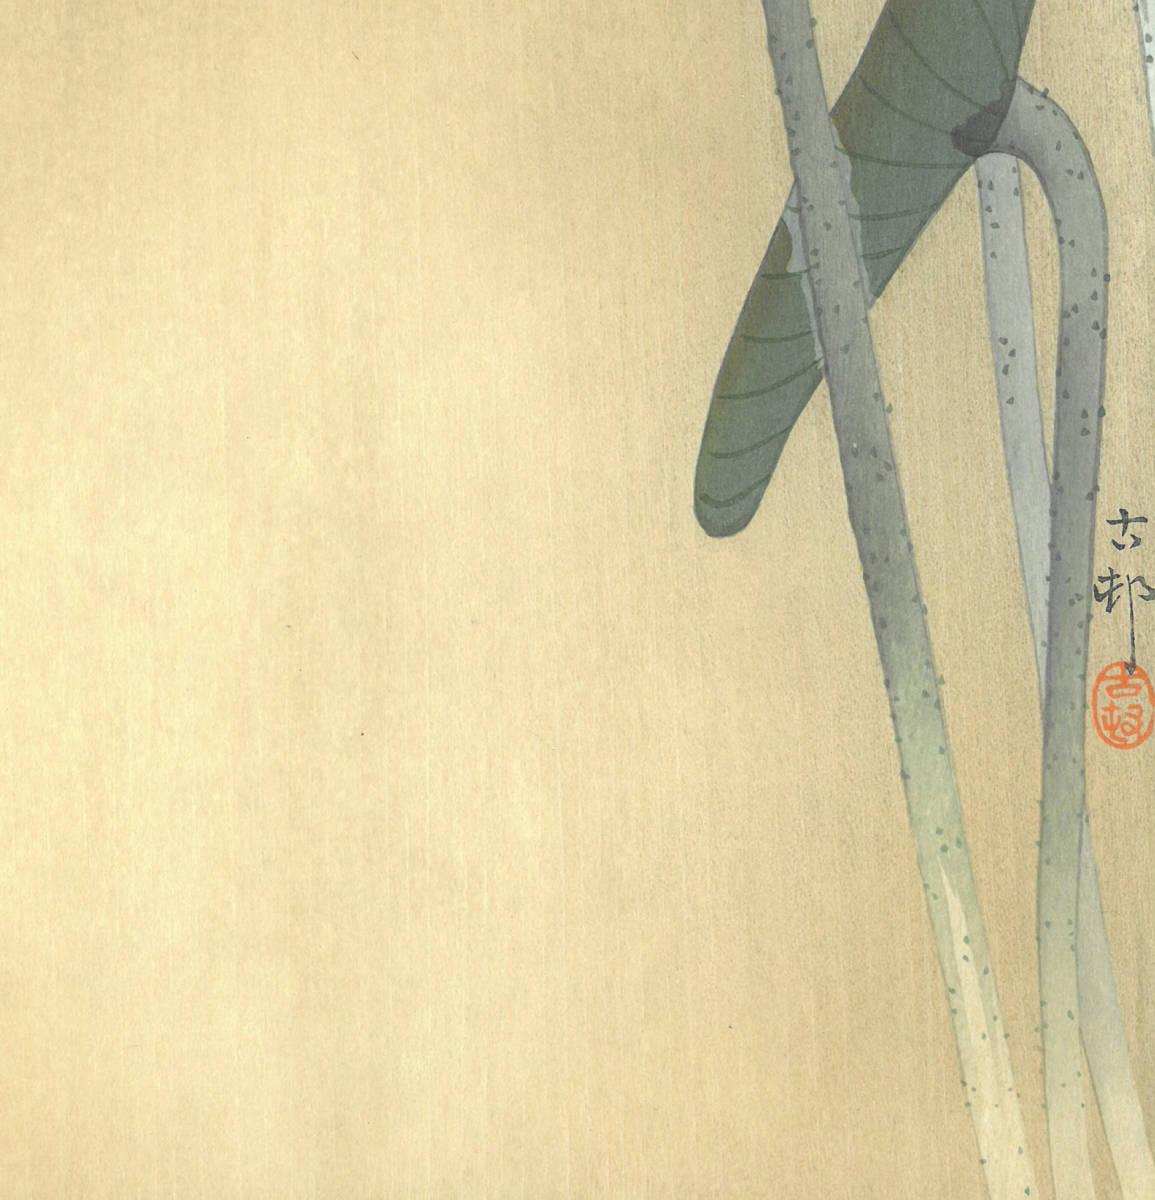 小原古邨 (Ohara Koson) (1877~1945) 木版画 蓮に雀 (Lotus and sparrow) 最高峰の摺師が50回以上の摺りの工程で仕上げた奇跡の一品!!_画像10